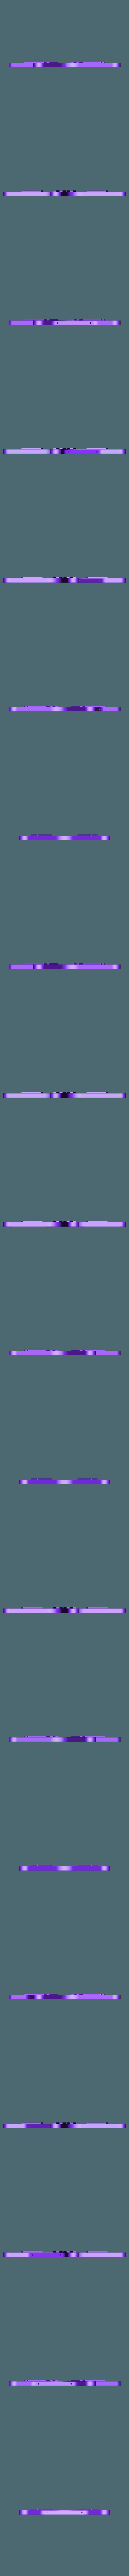 quad_final30x30.stl Télécharger fichier STL gratuit Quadruple cadre • Modèle imprimable en 3D, touchthebitum